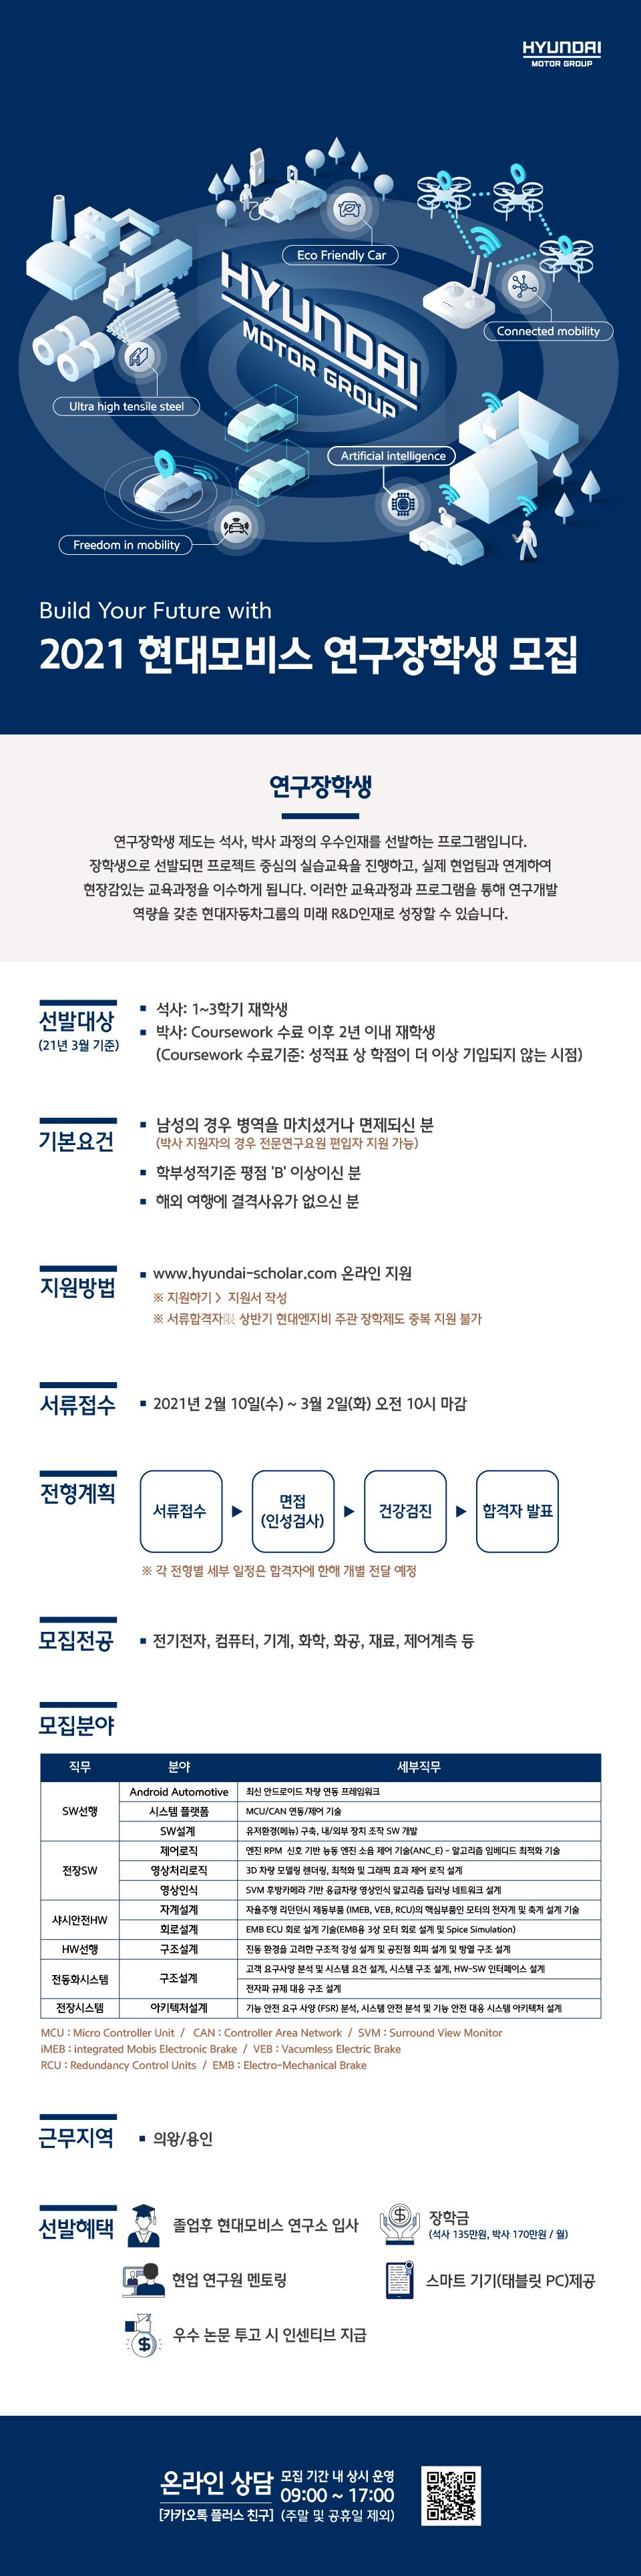 현대모비스 연구장학생 웹공고문_최종.jpg